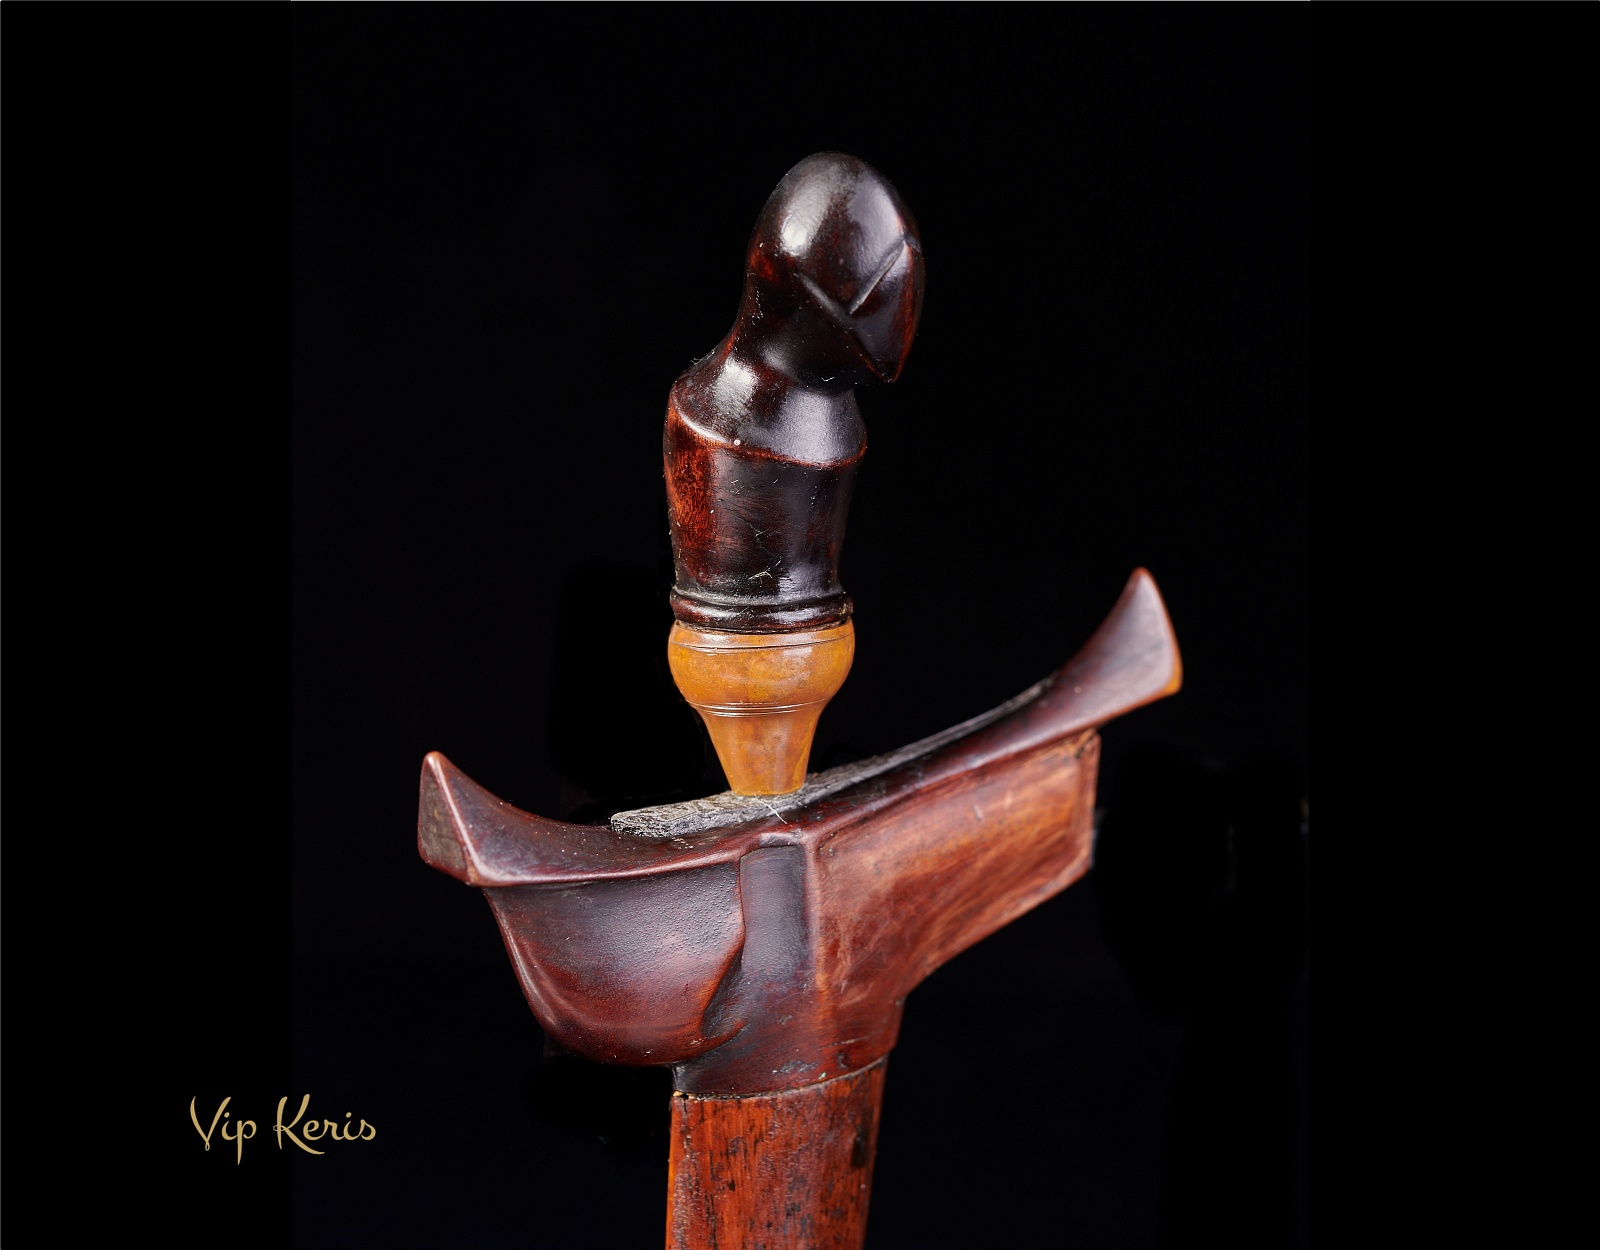 Ритуальный кинжал Крис Lare, стихия Смерть фото VipKeris